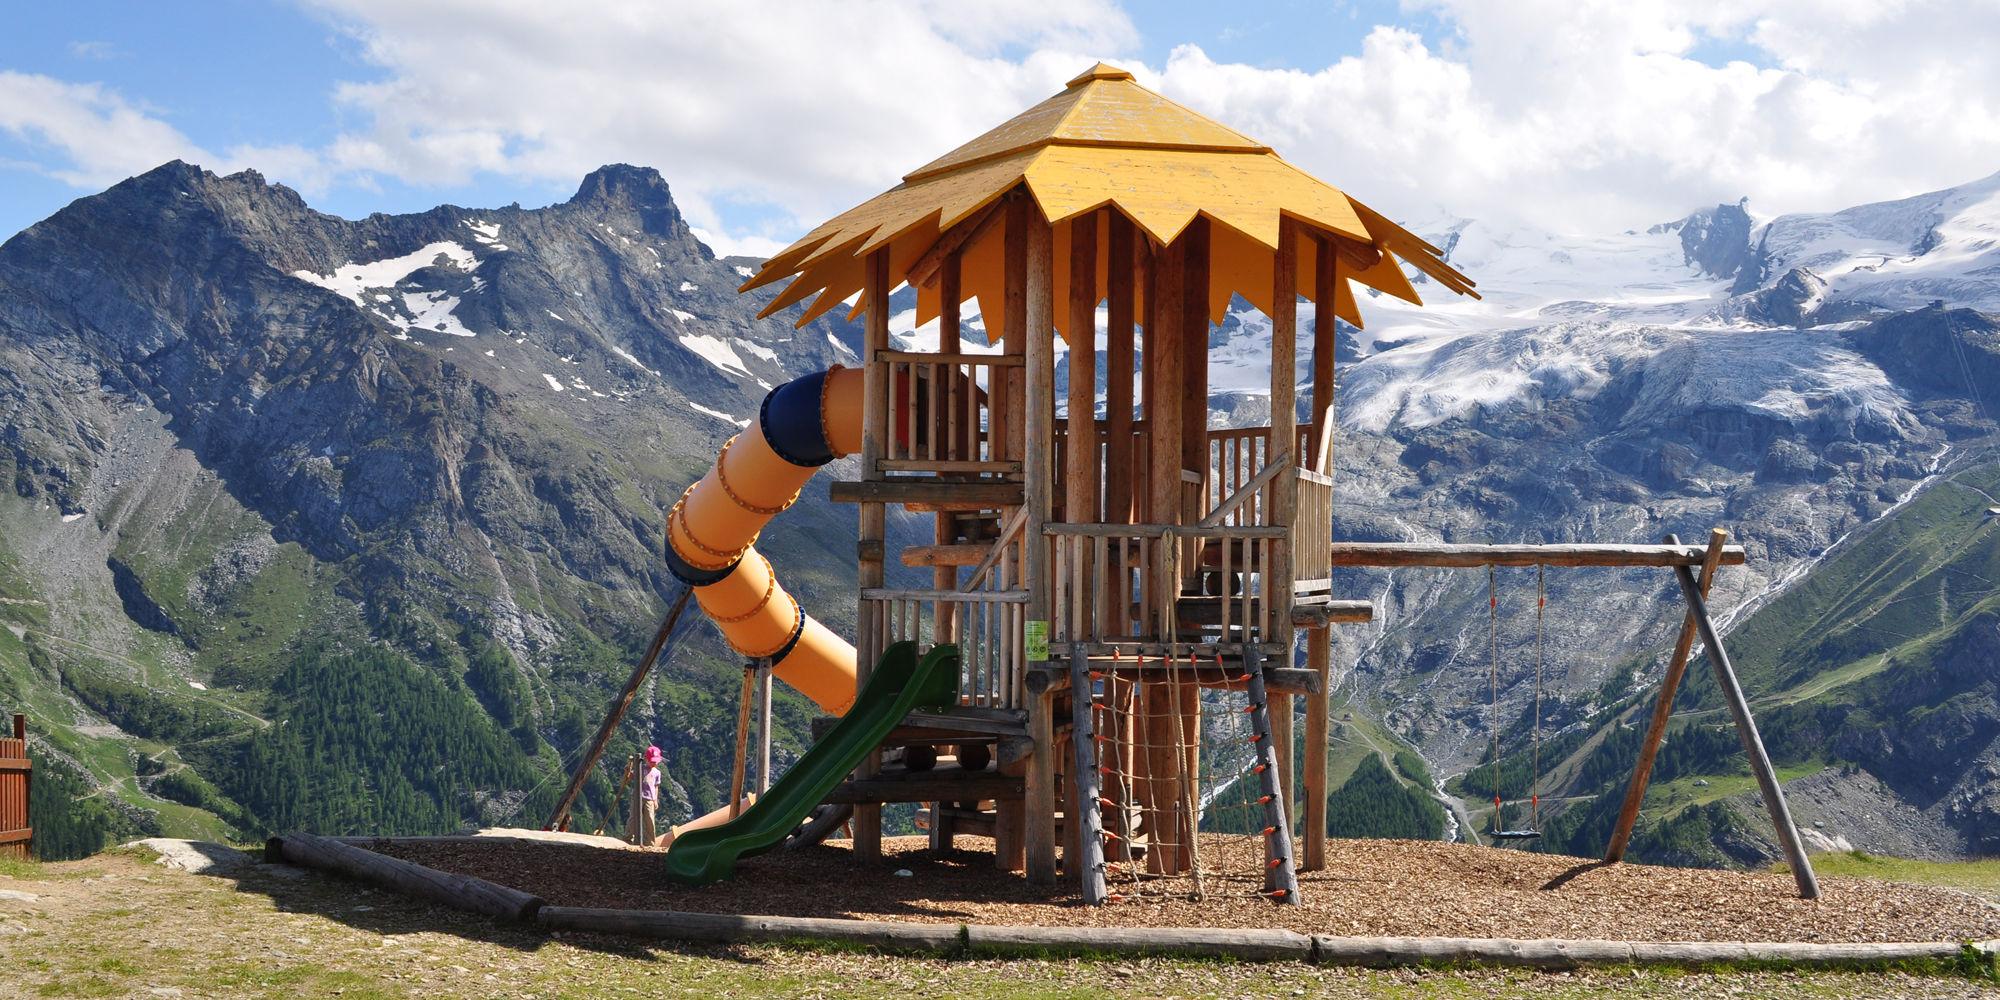 Spielplätze in der Freien Ferienrepublik Saas-Fee